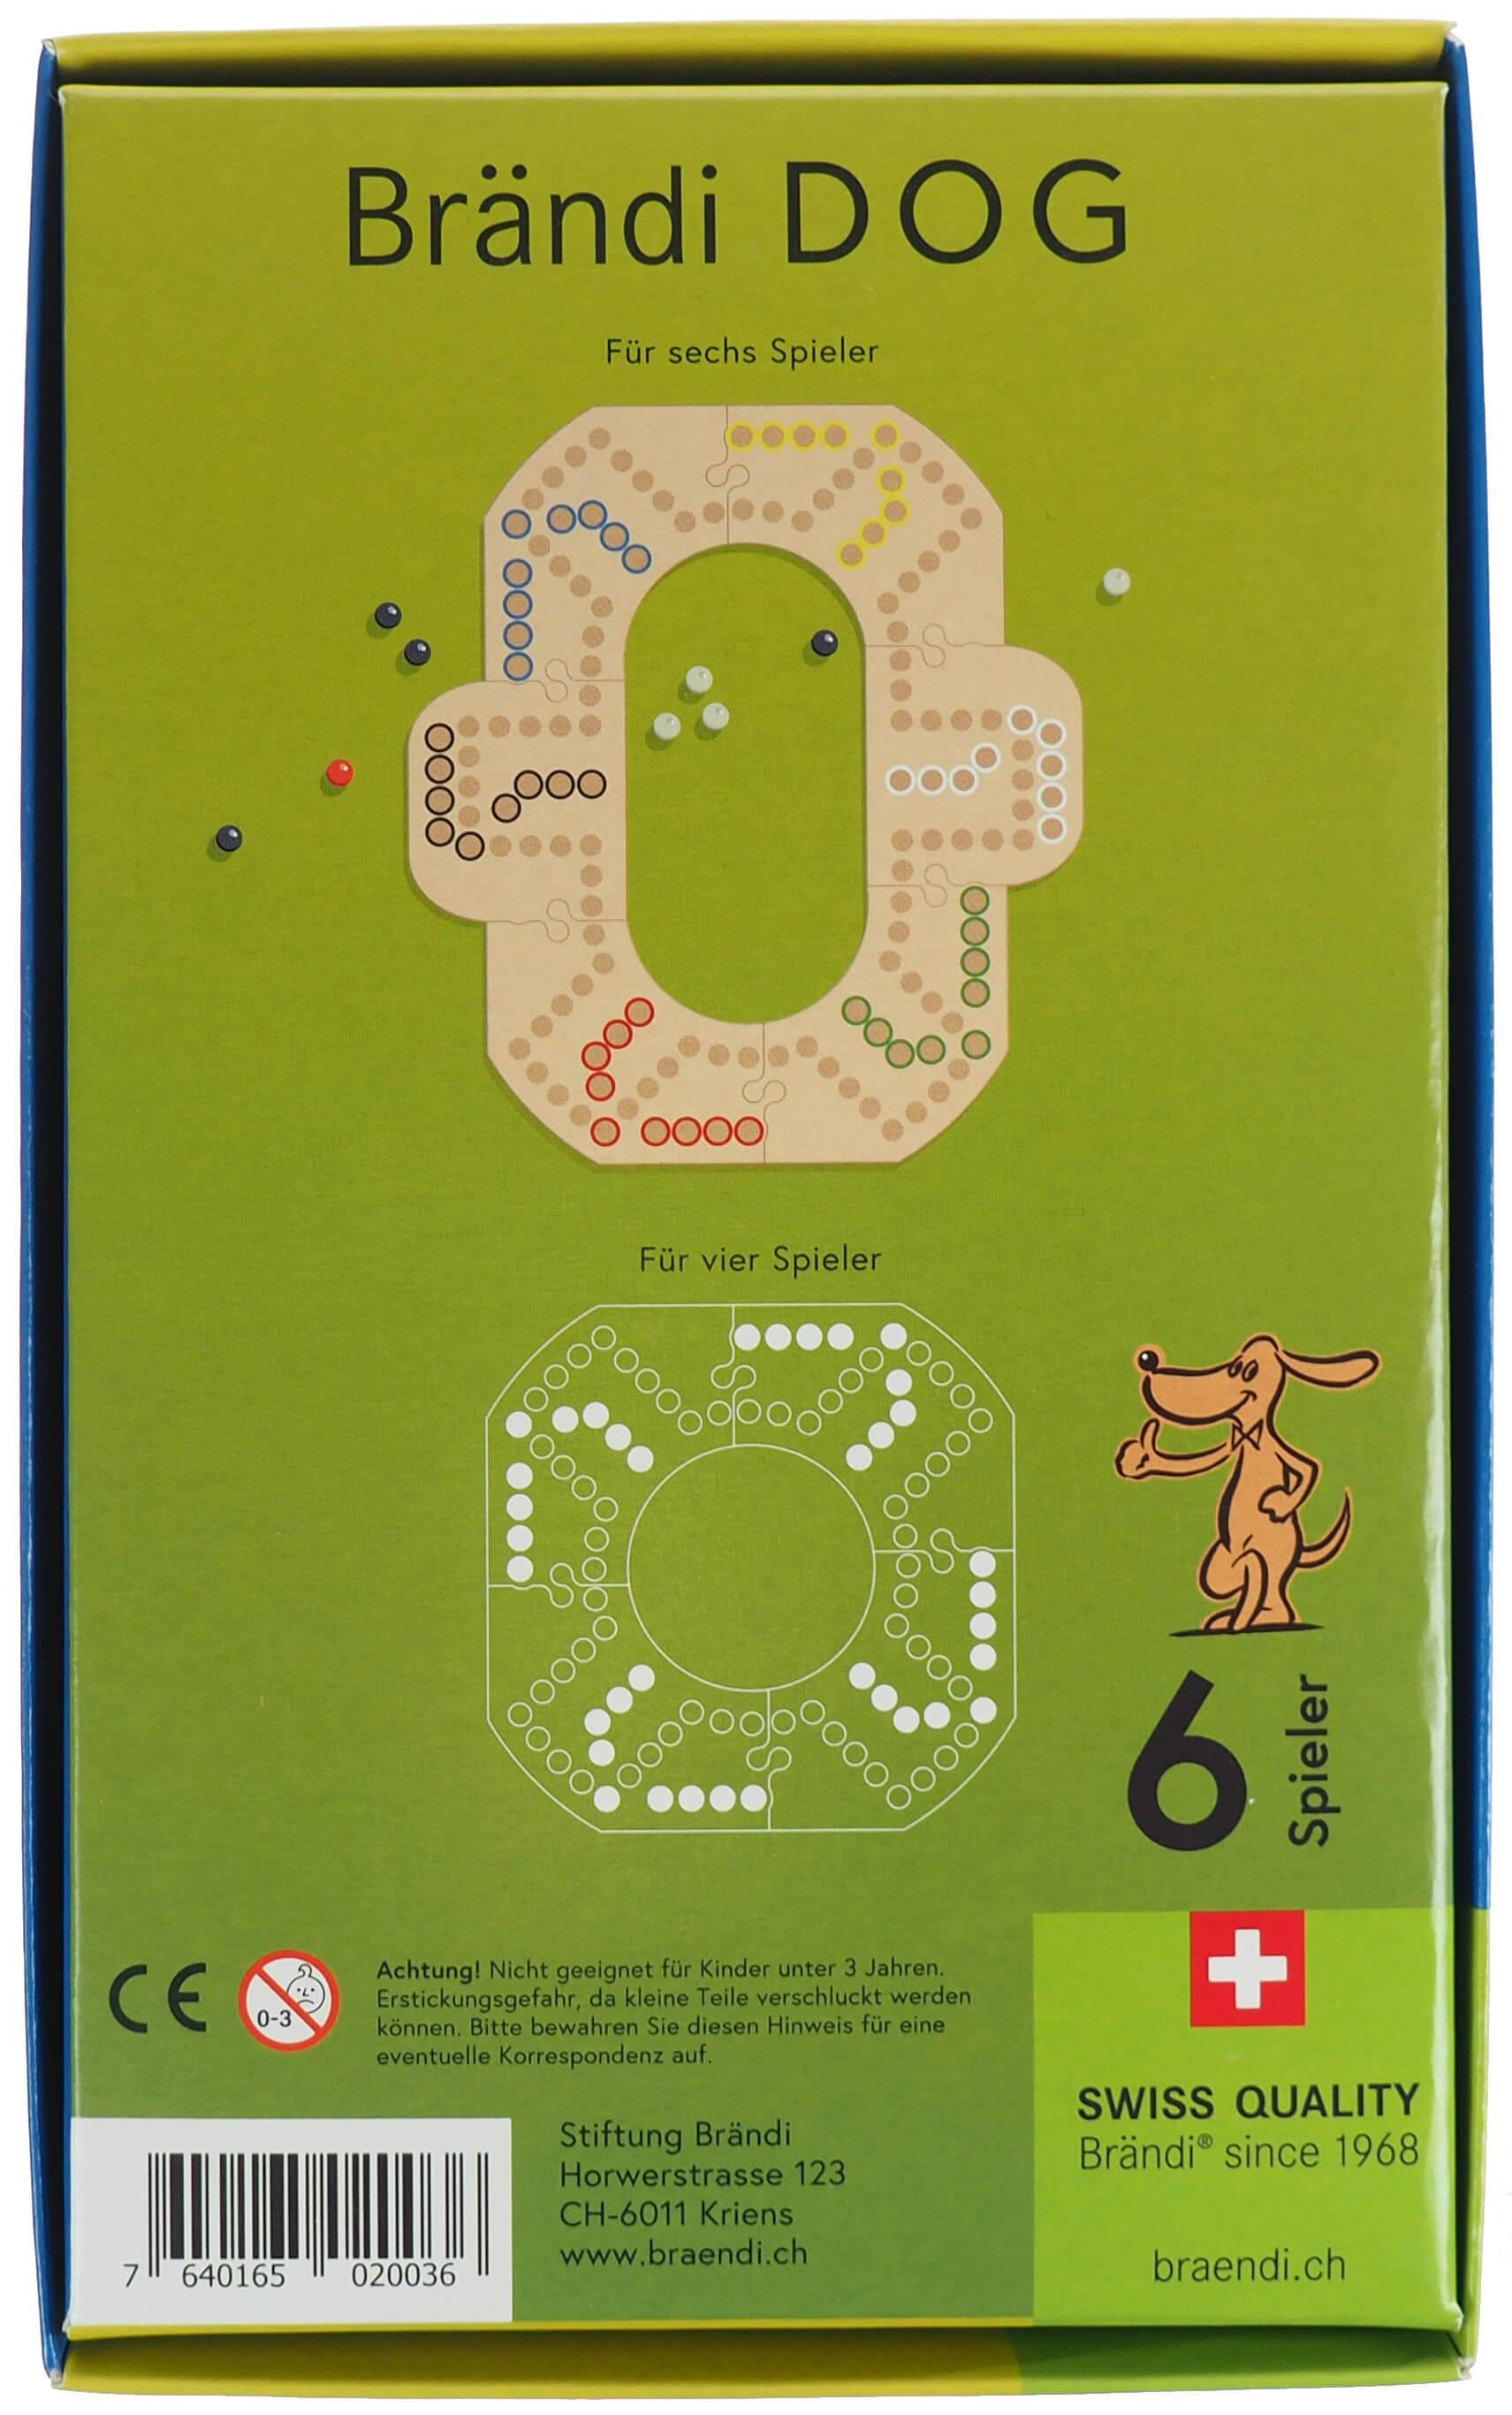 Schachtel Rückseite - Brändi Dog für 6 Spieler- Brändi Dog per 6 giocatori